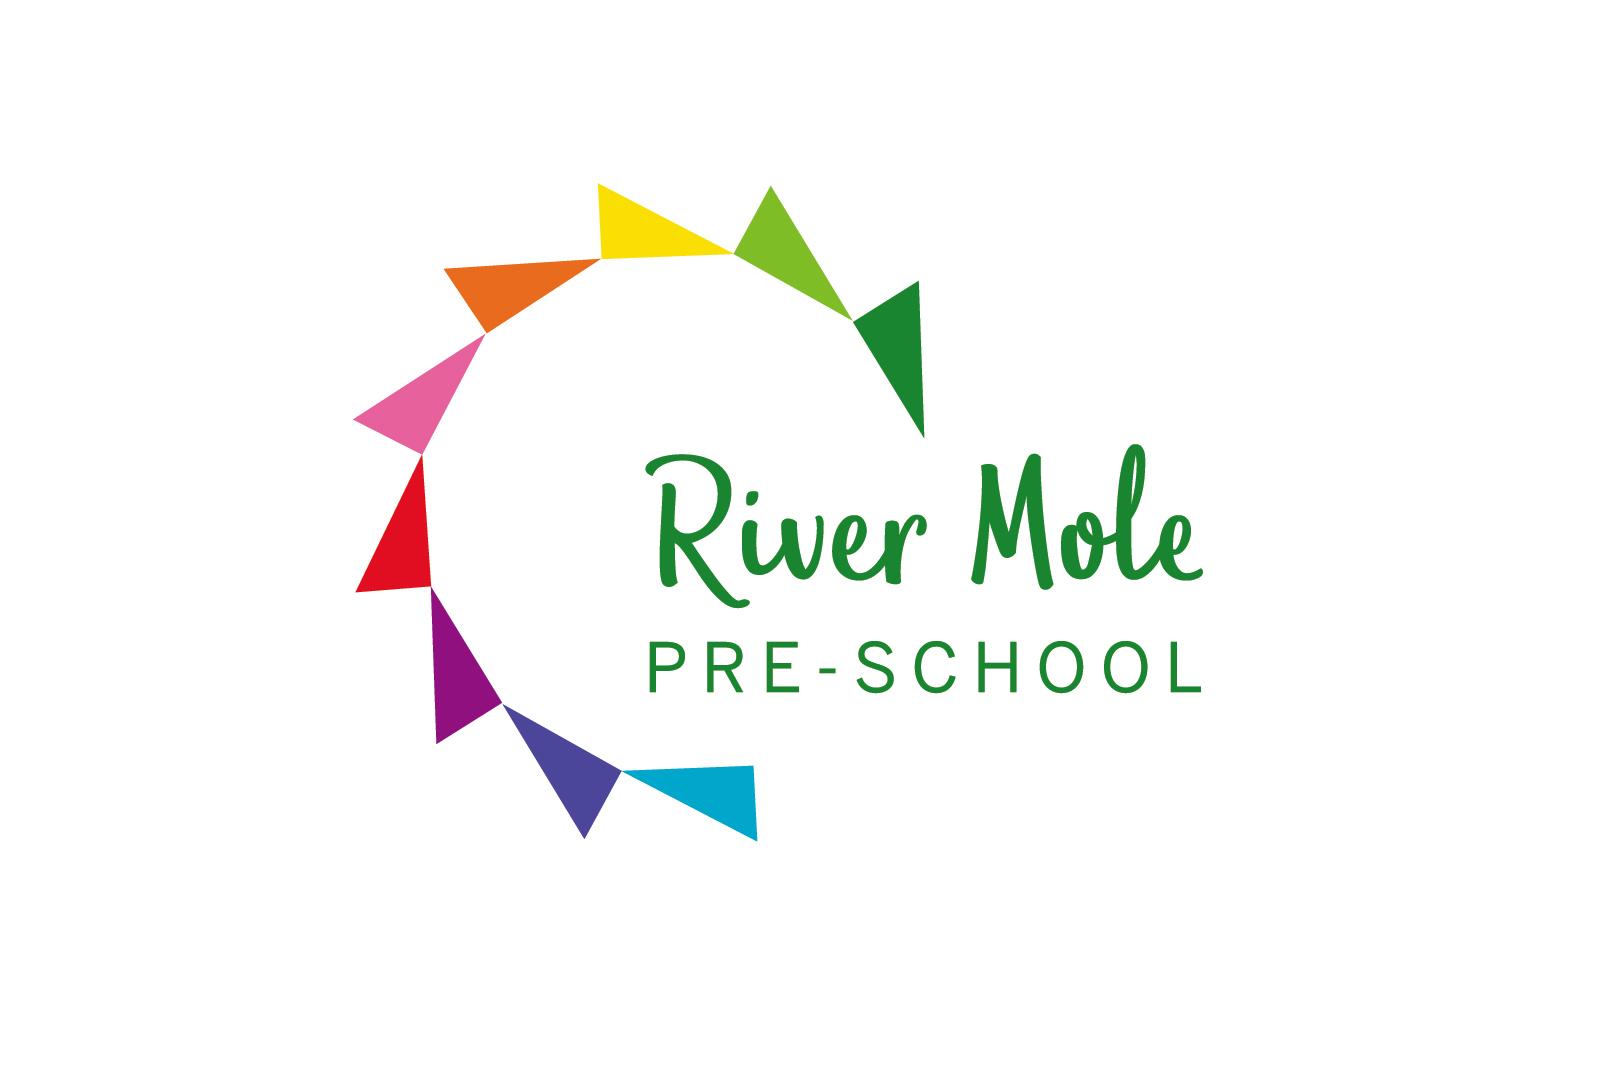 River Mole Pre-School logo